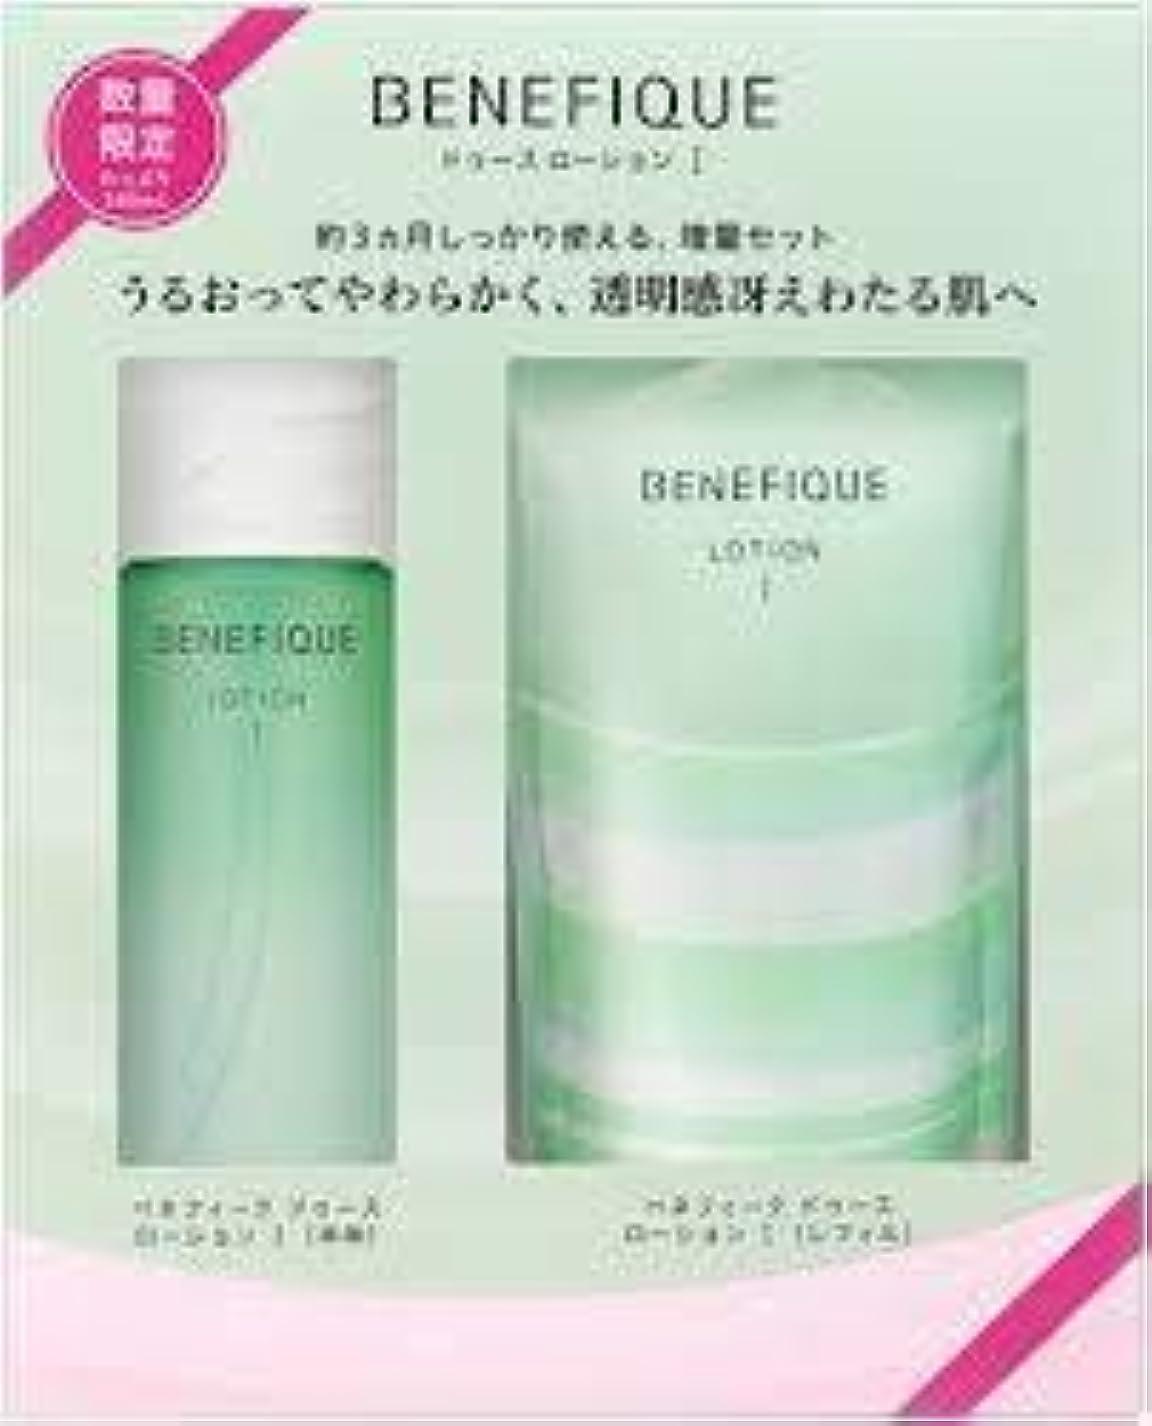 悪化させる公爵夫人アセンブリベネフィーク ドゥース ローション Ⅰ 増量セット(化粧水)